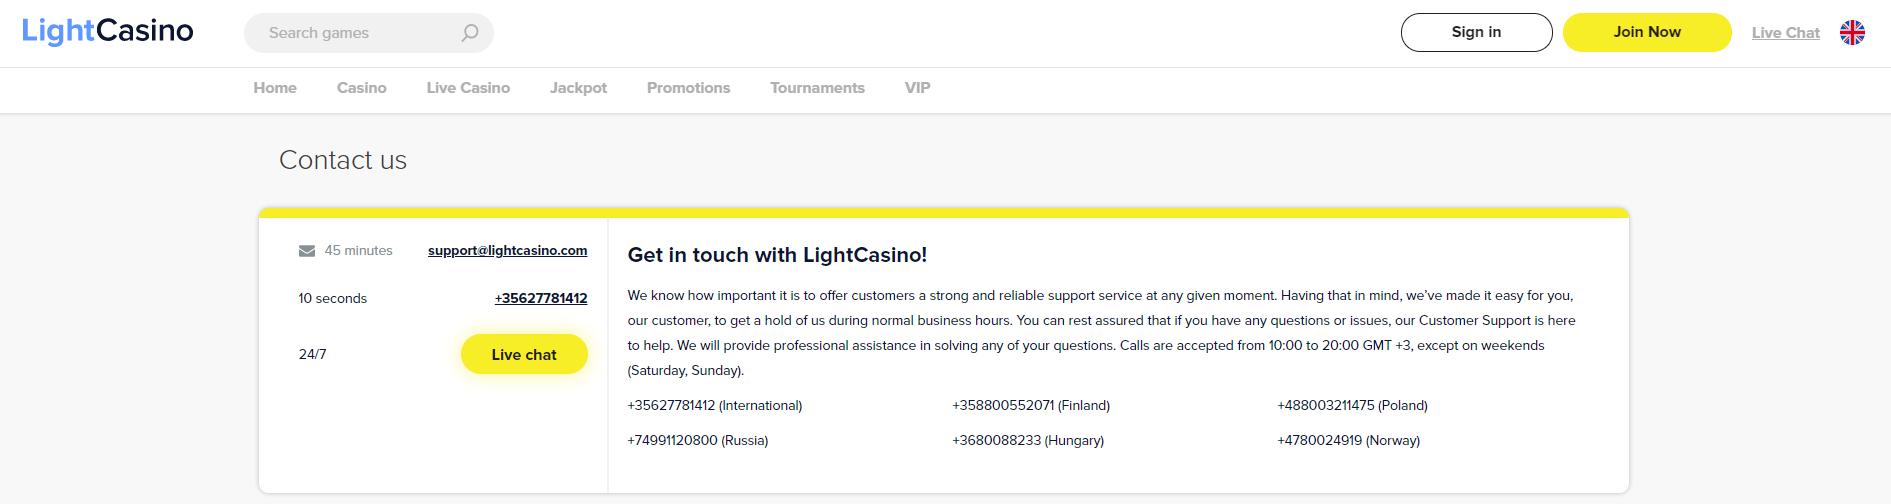 light-casino-kundenservice-deutsch-erfahrung